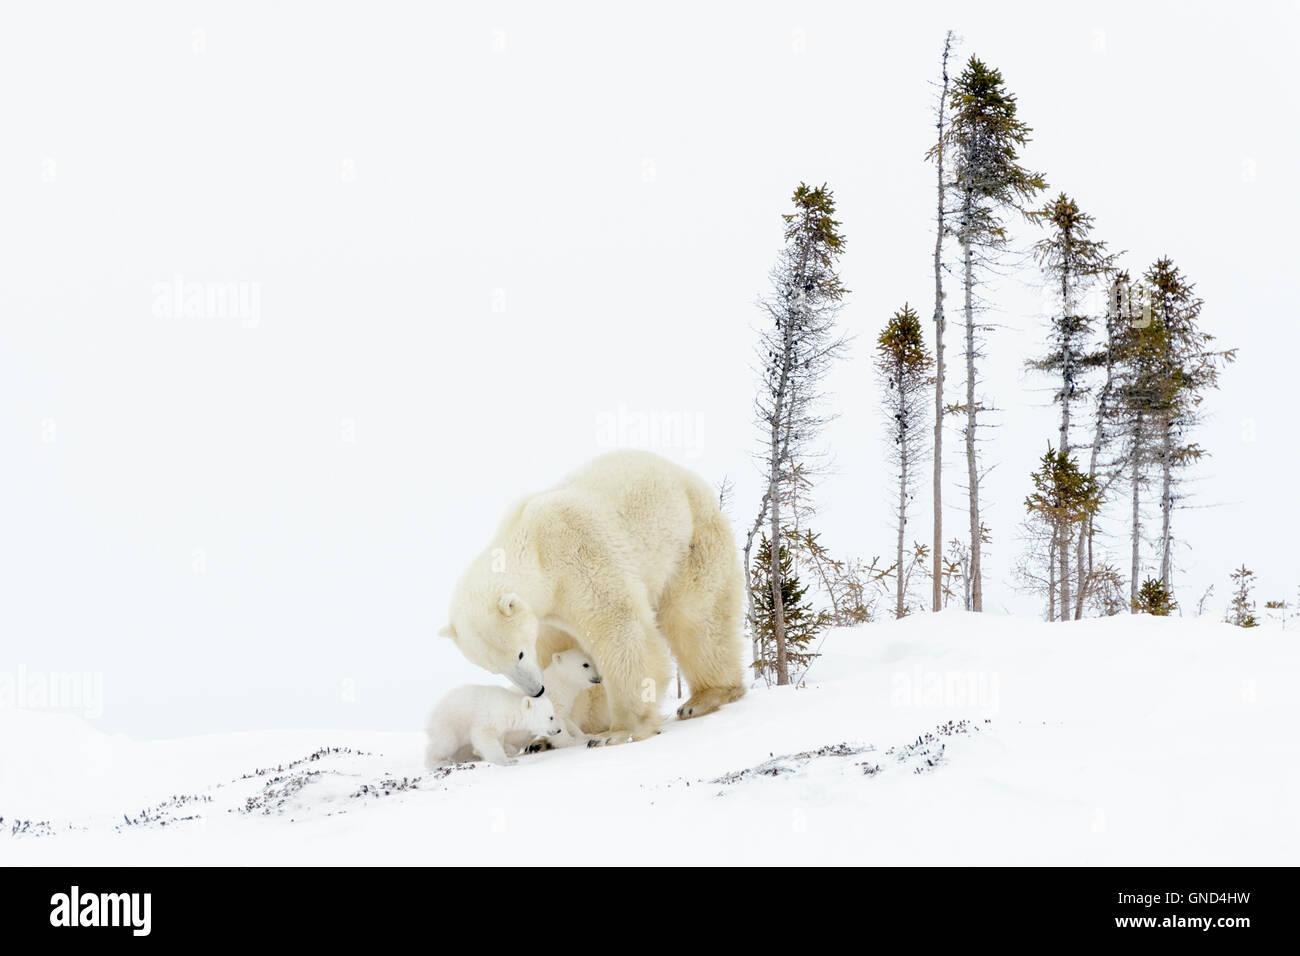 Orso polare madre (Ursus maritimus) con due cuccioli sulla tundra, Wapusk National Park, Manitoba, Canada Immagini Stock